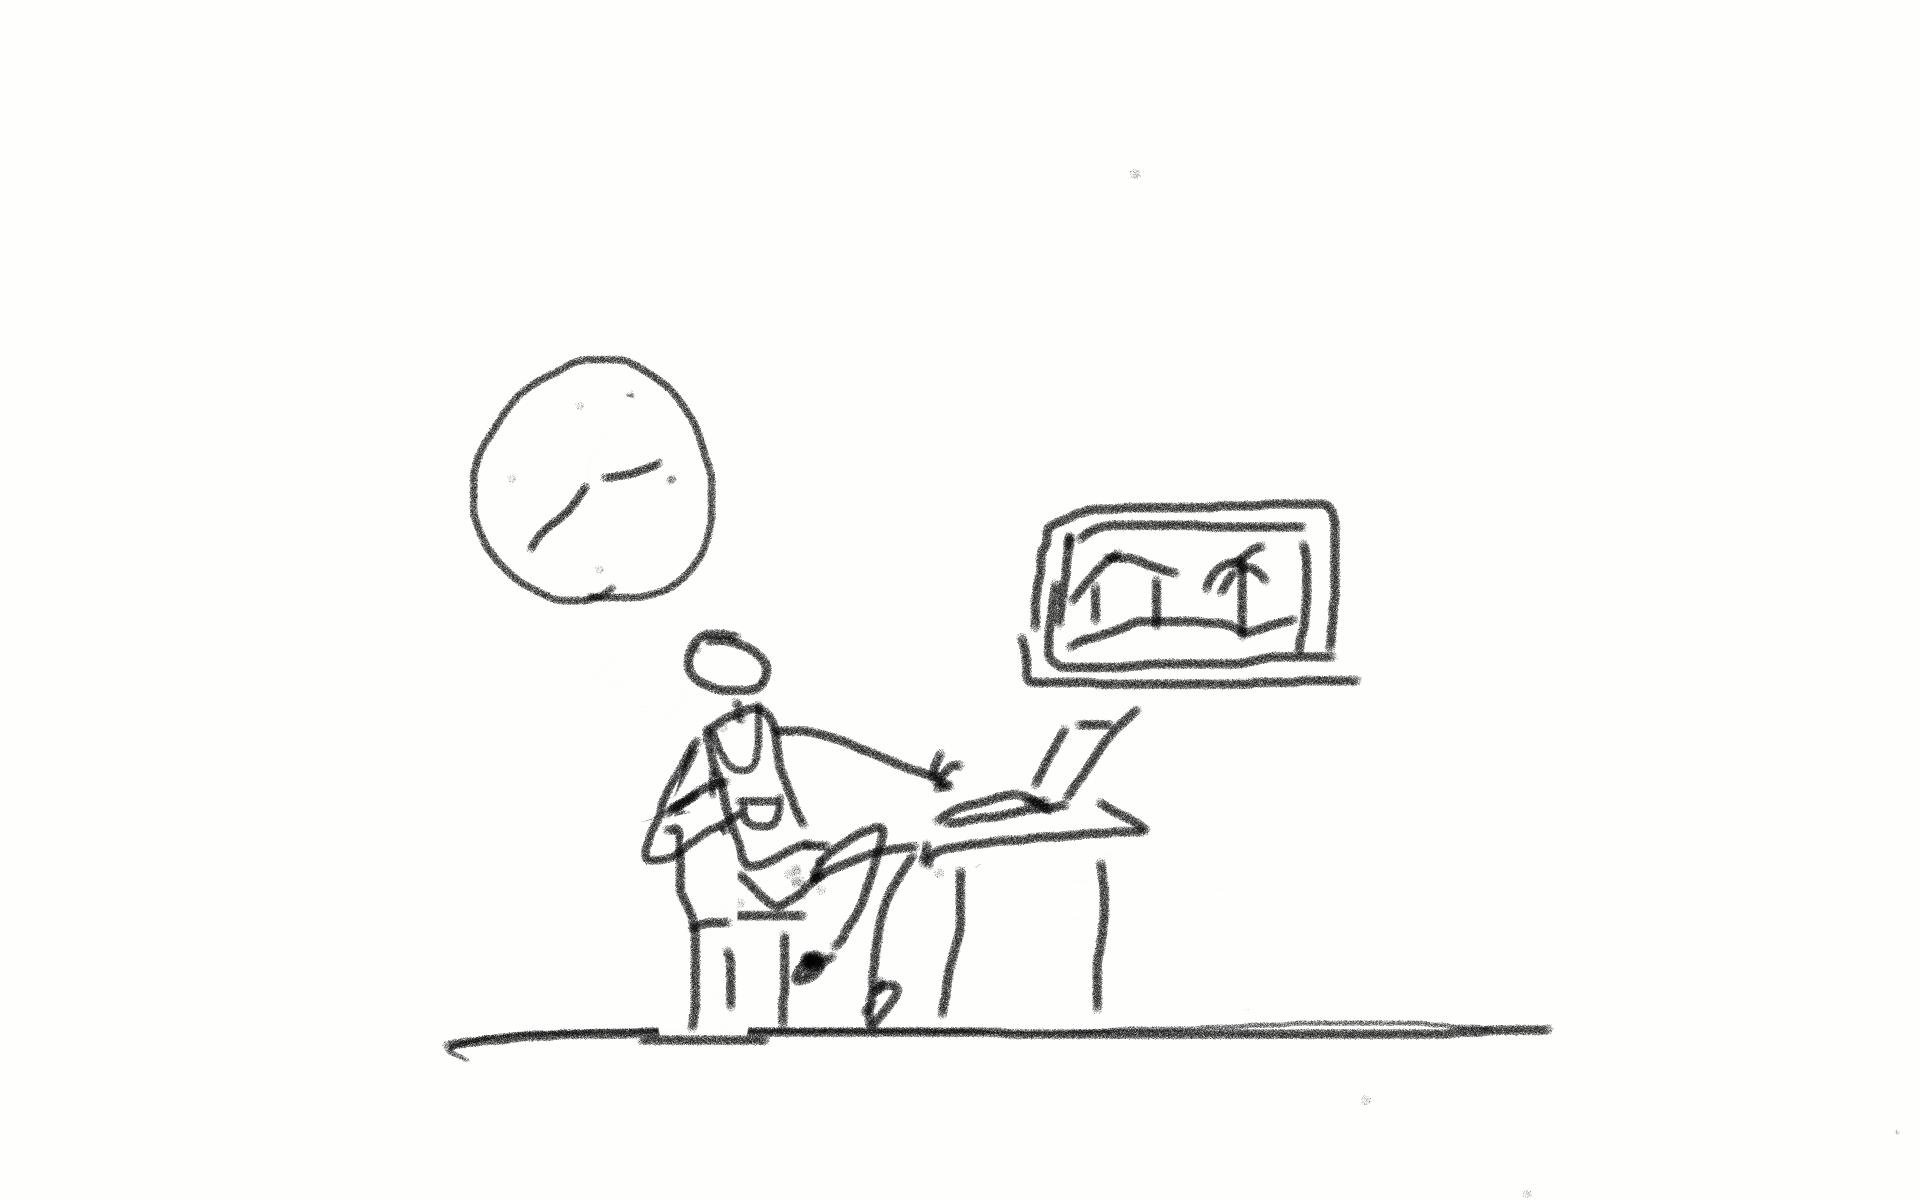 sketch-1519418011086